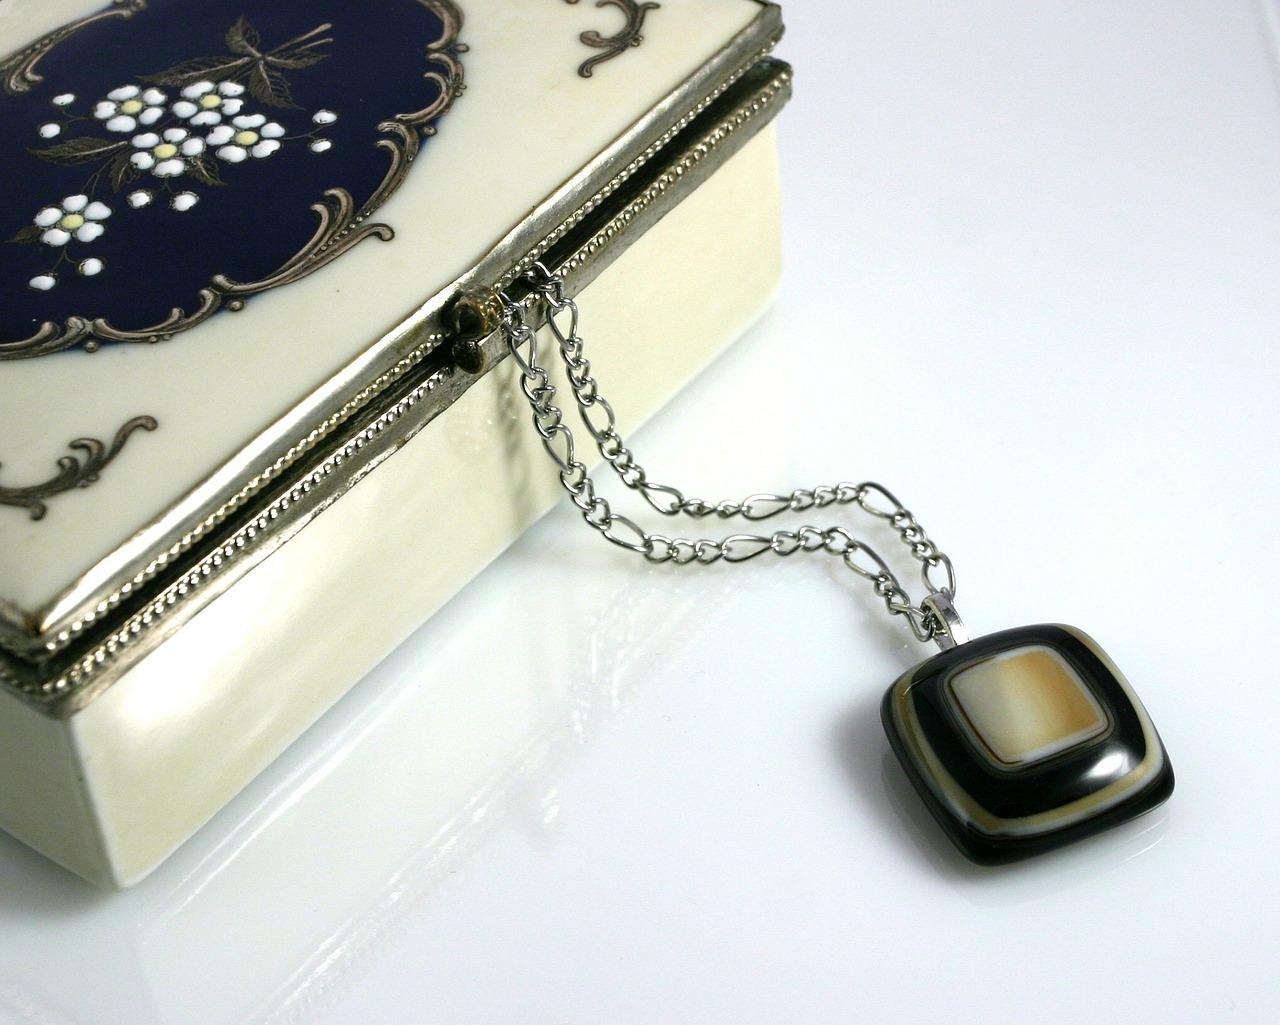 Kuferki i szkatułki a bezpieczne i wygodne przechowywanie biżuterii